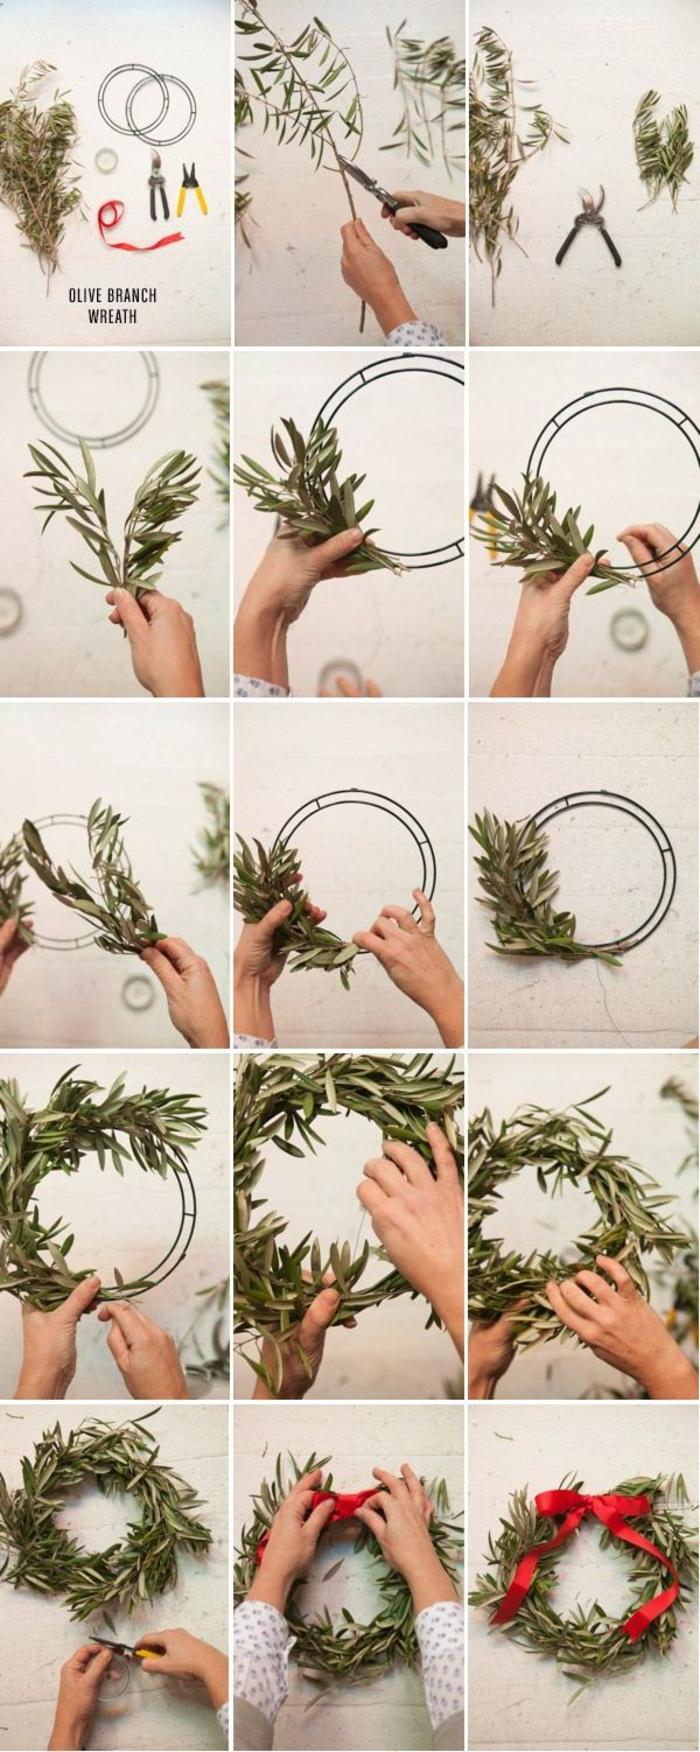 tuto couronne de noel a faire soi meme avec des branches de verdure et un cadre métallique